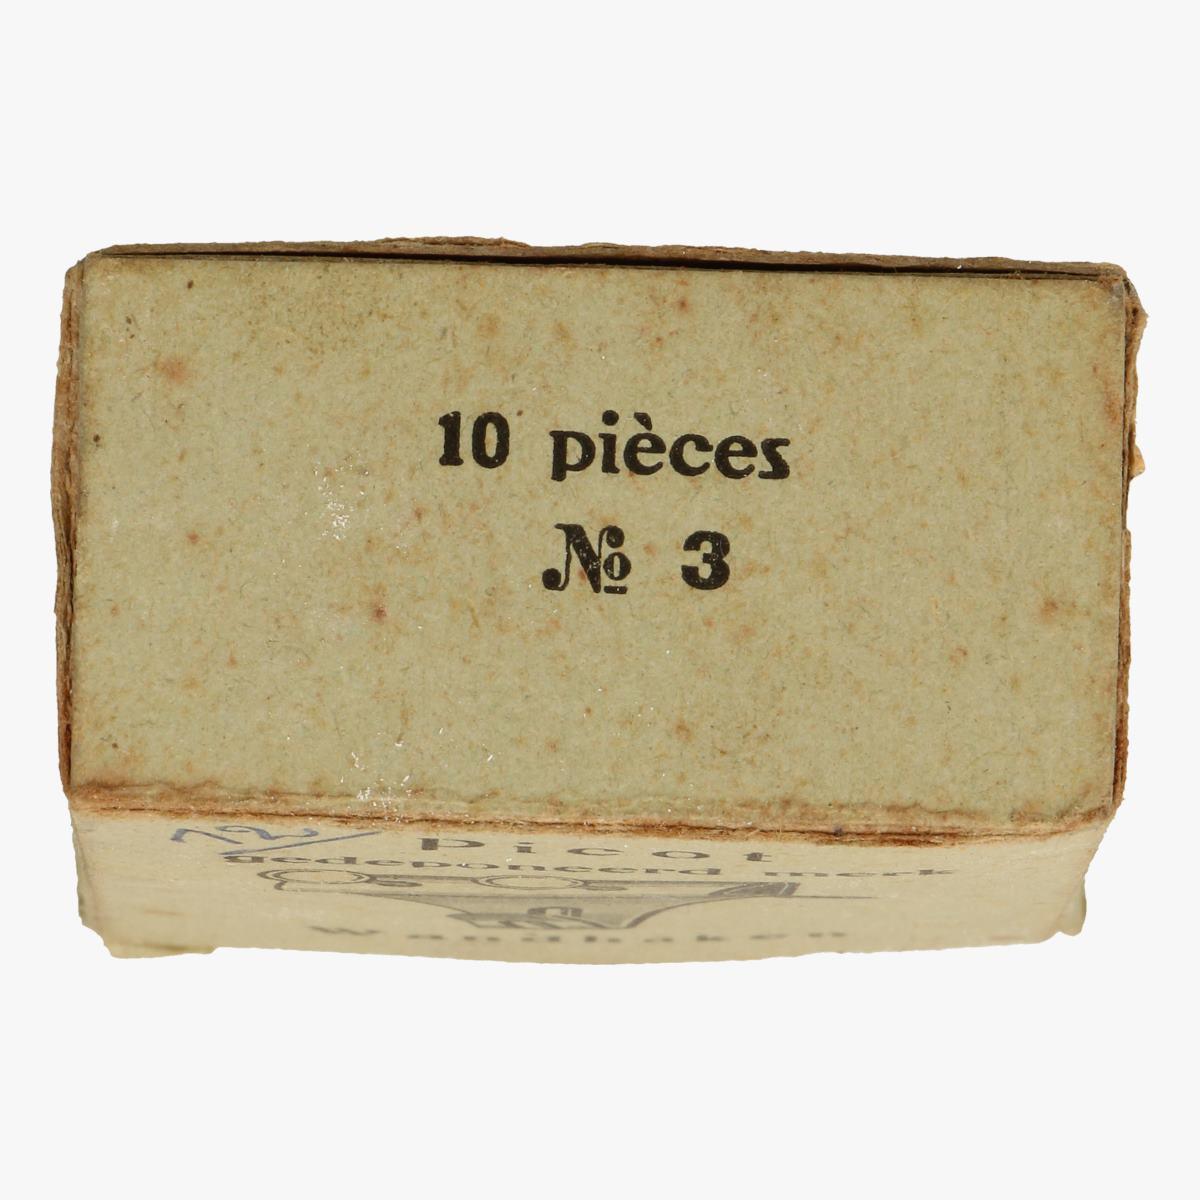 Afbeeldingen van doosje picot wandhaken n°3